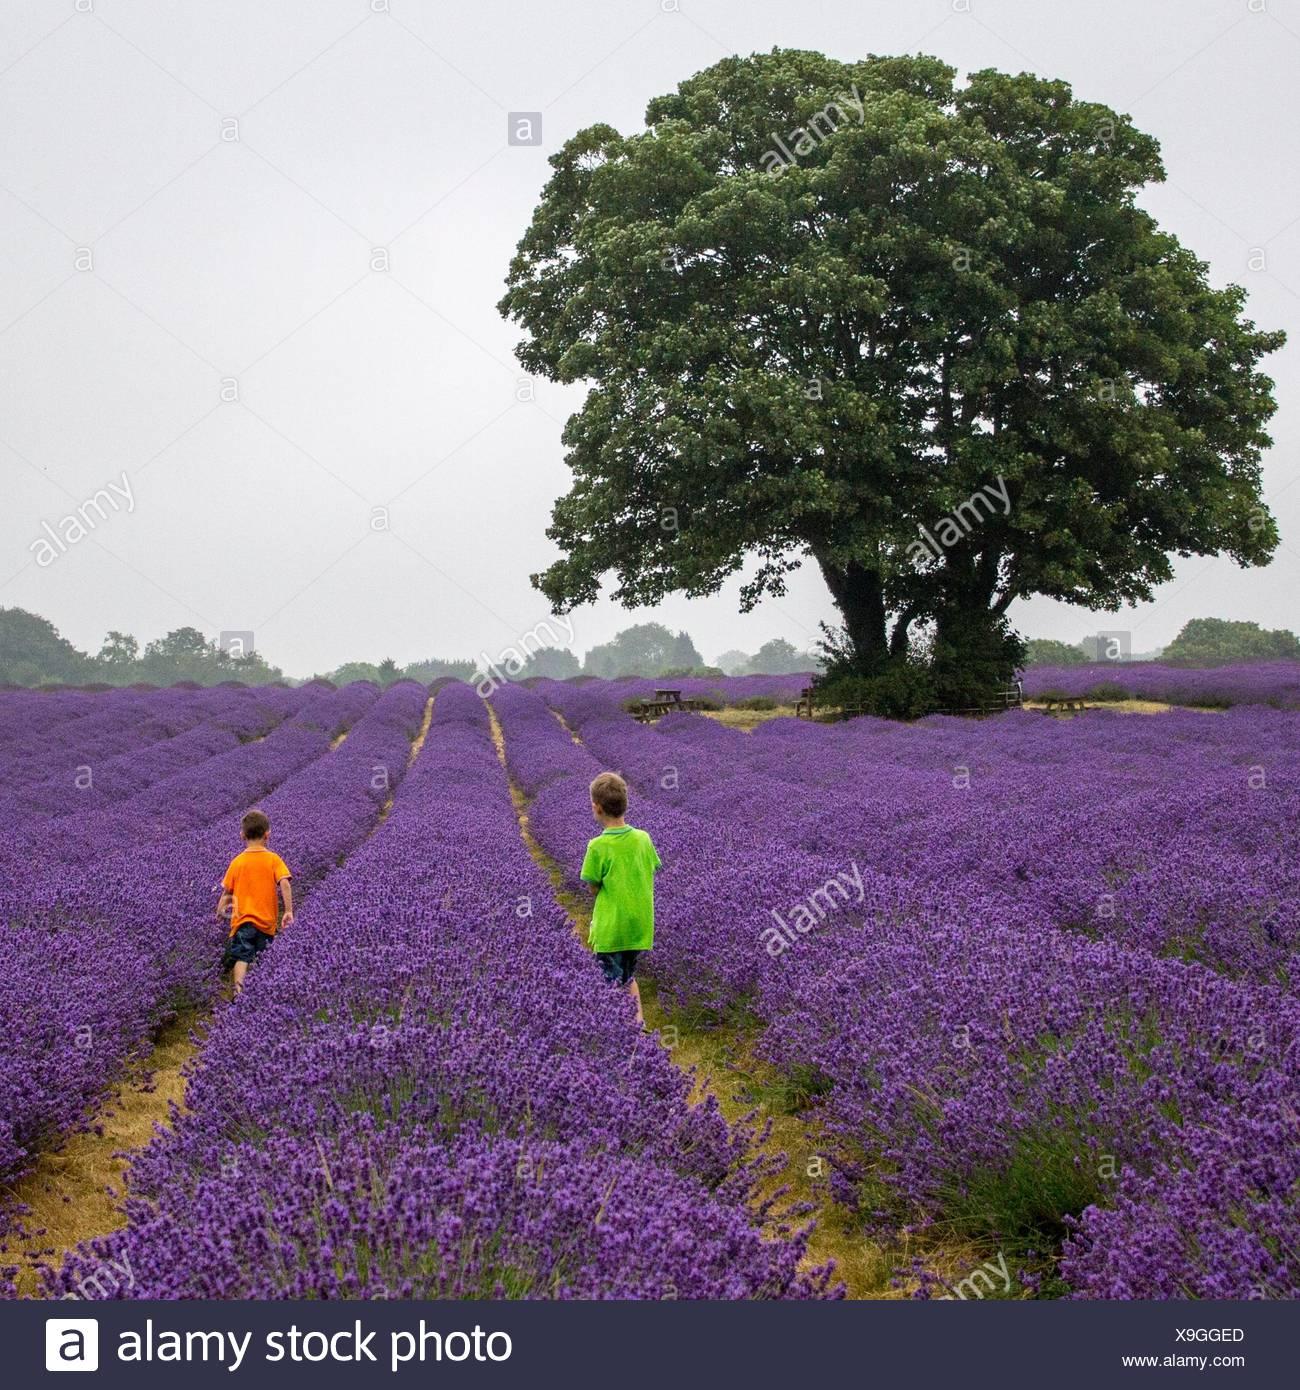 Boys (6-7) in lavender field - Stock Image